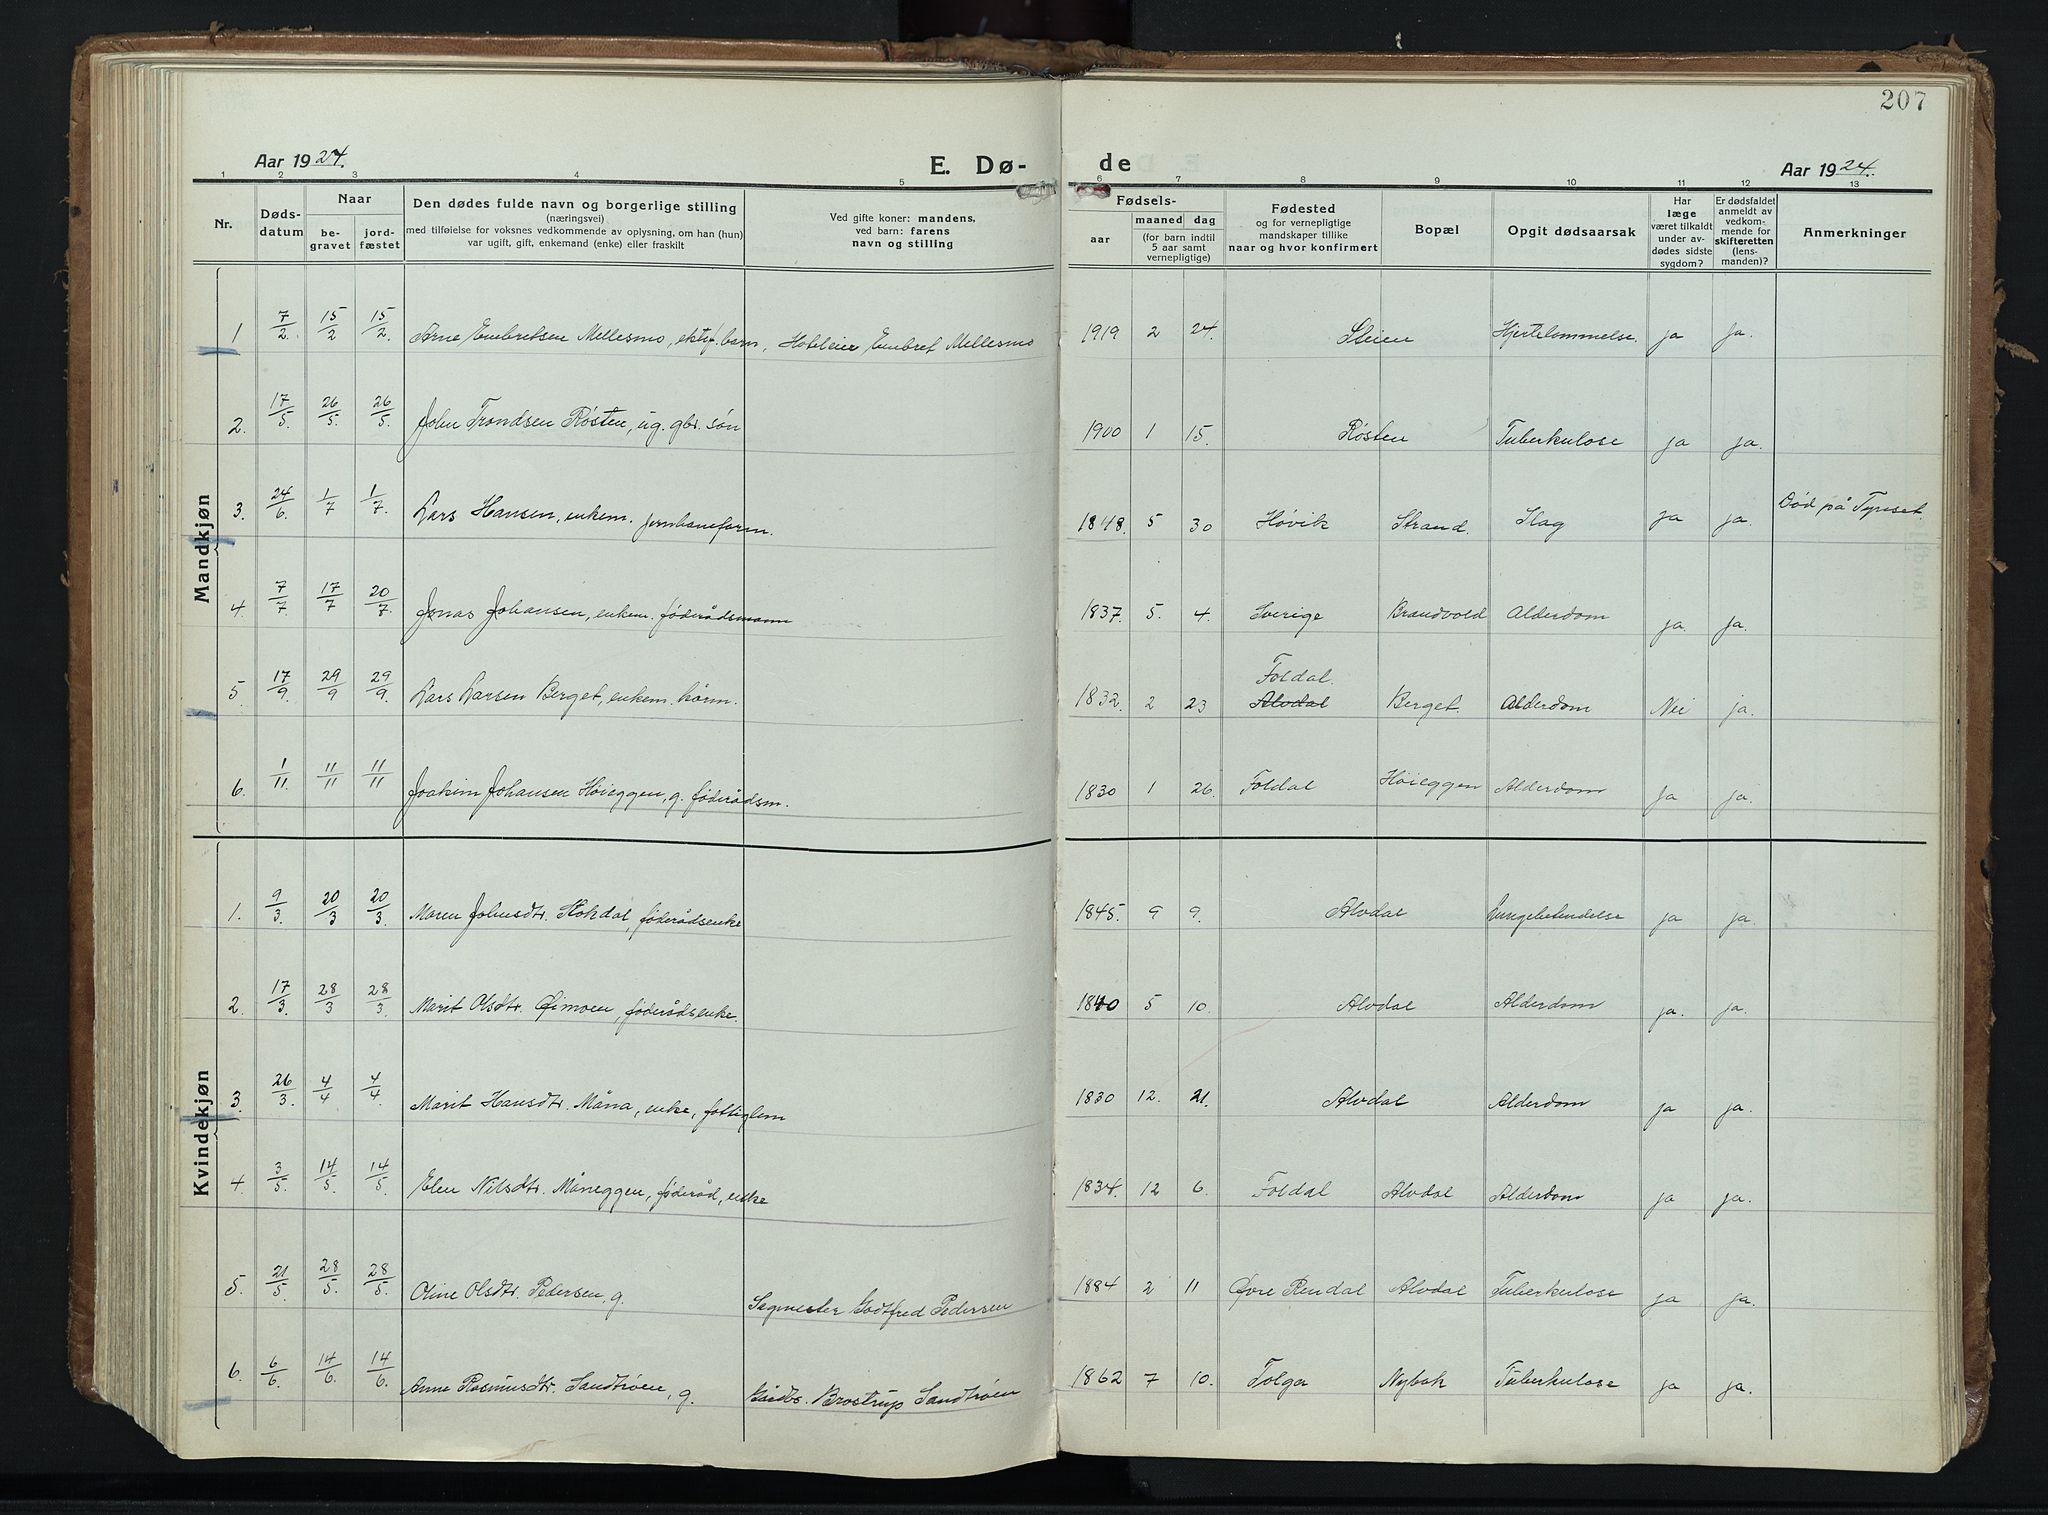 SAH, Alvdal prestekontor, Ministerialbok nr. 6, 1920-1937, s. 207